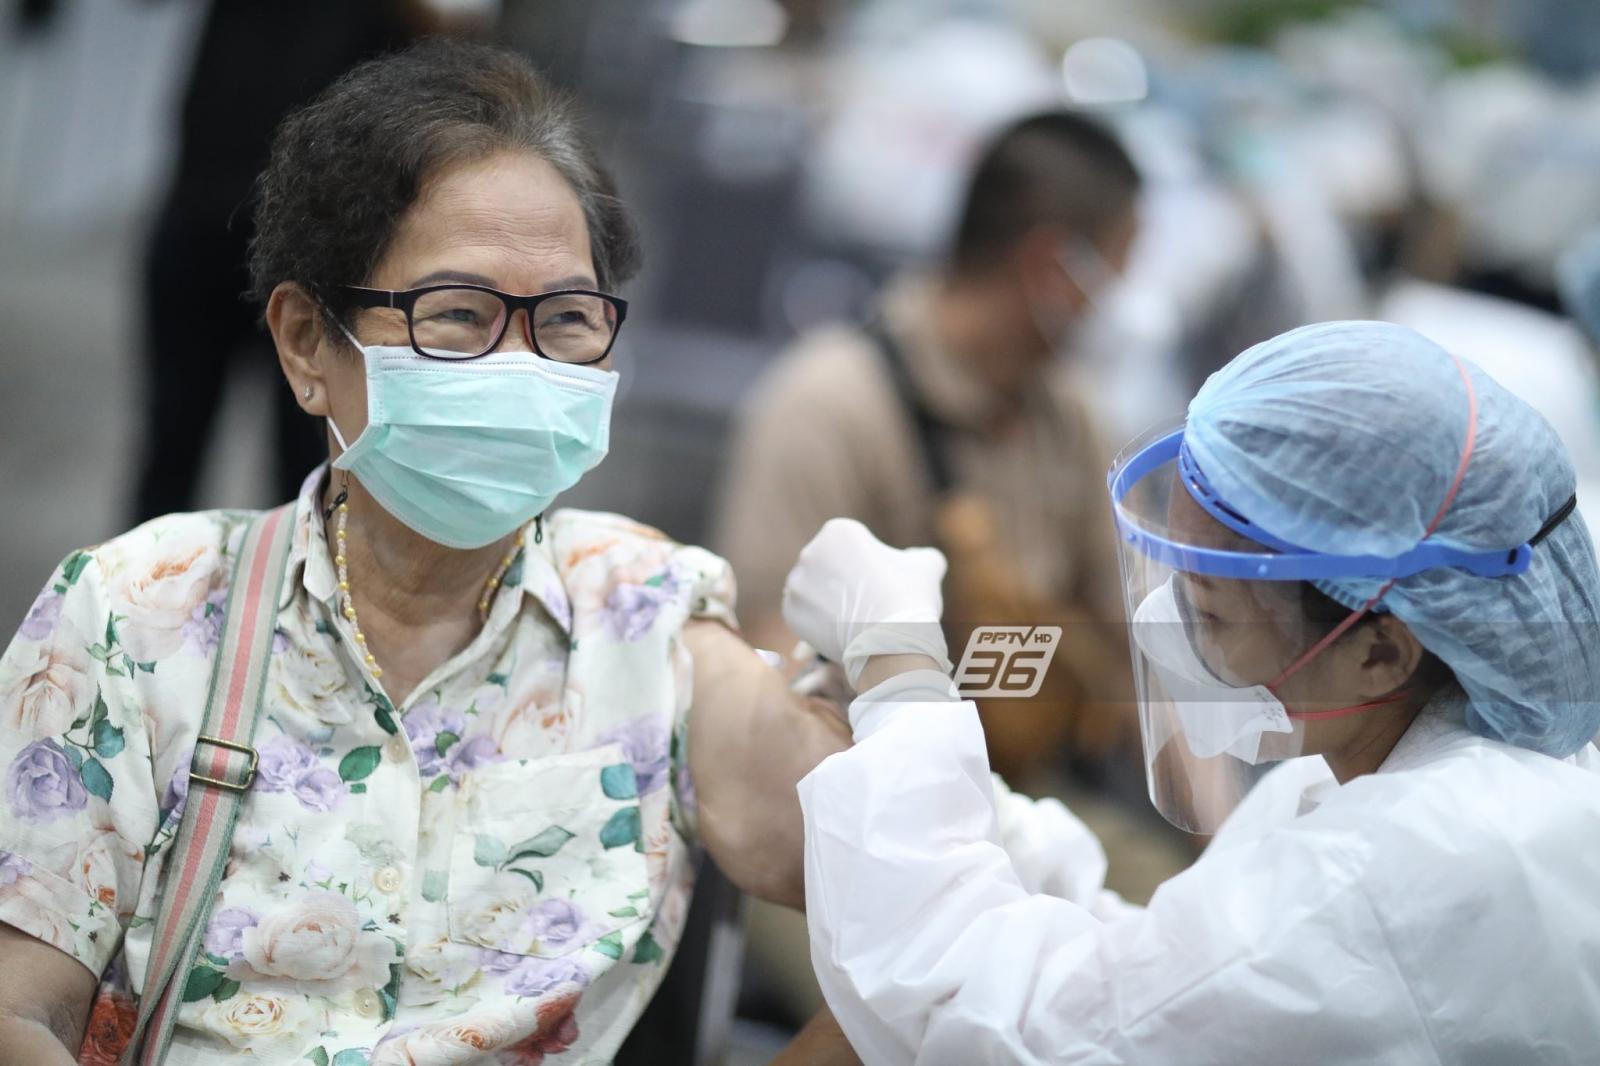 9 วิธีเตรียมตัว ก่อน - หลัง ฉีดวัคซีนป้องกันโควิด-19 สำหรับผู้สูงอายุ